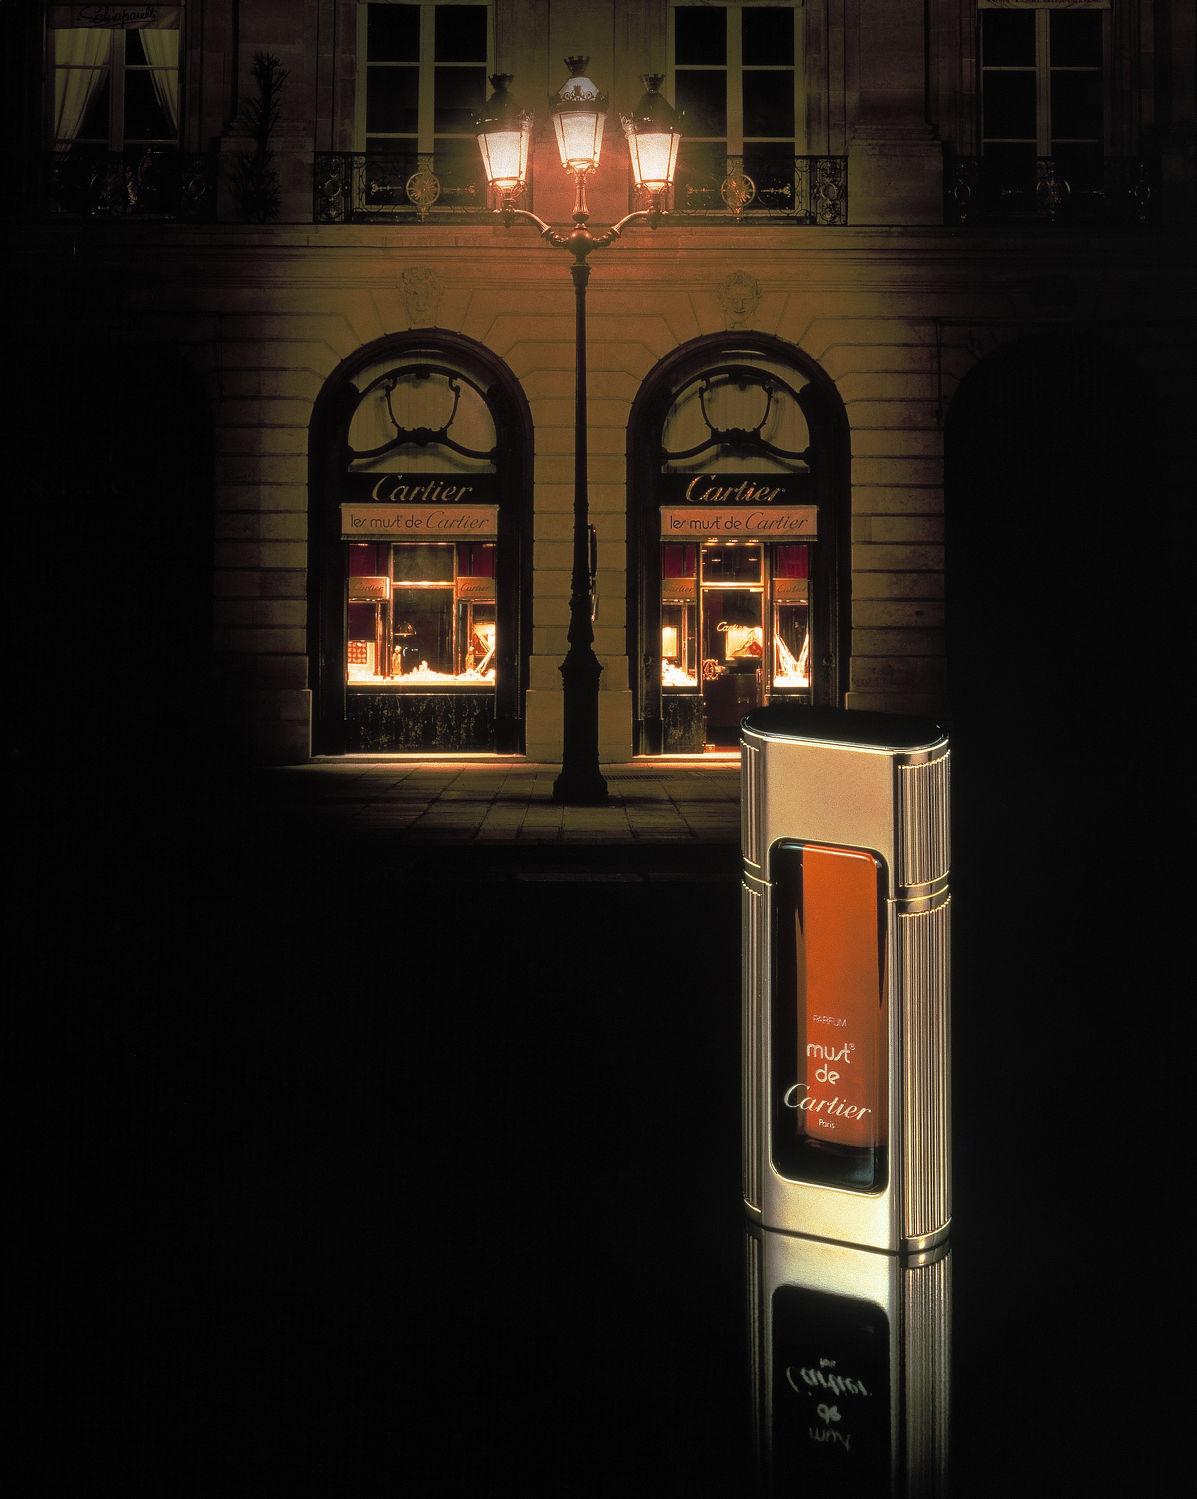 1981: Les Must de Cartier has its own perfume.